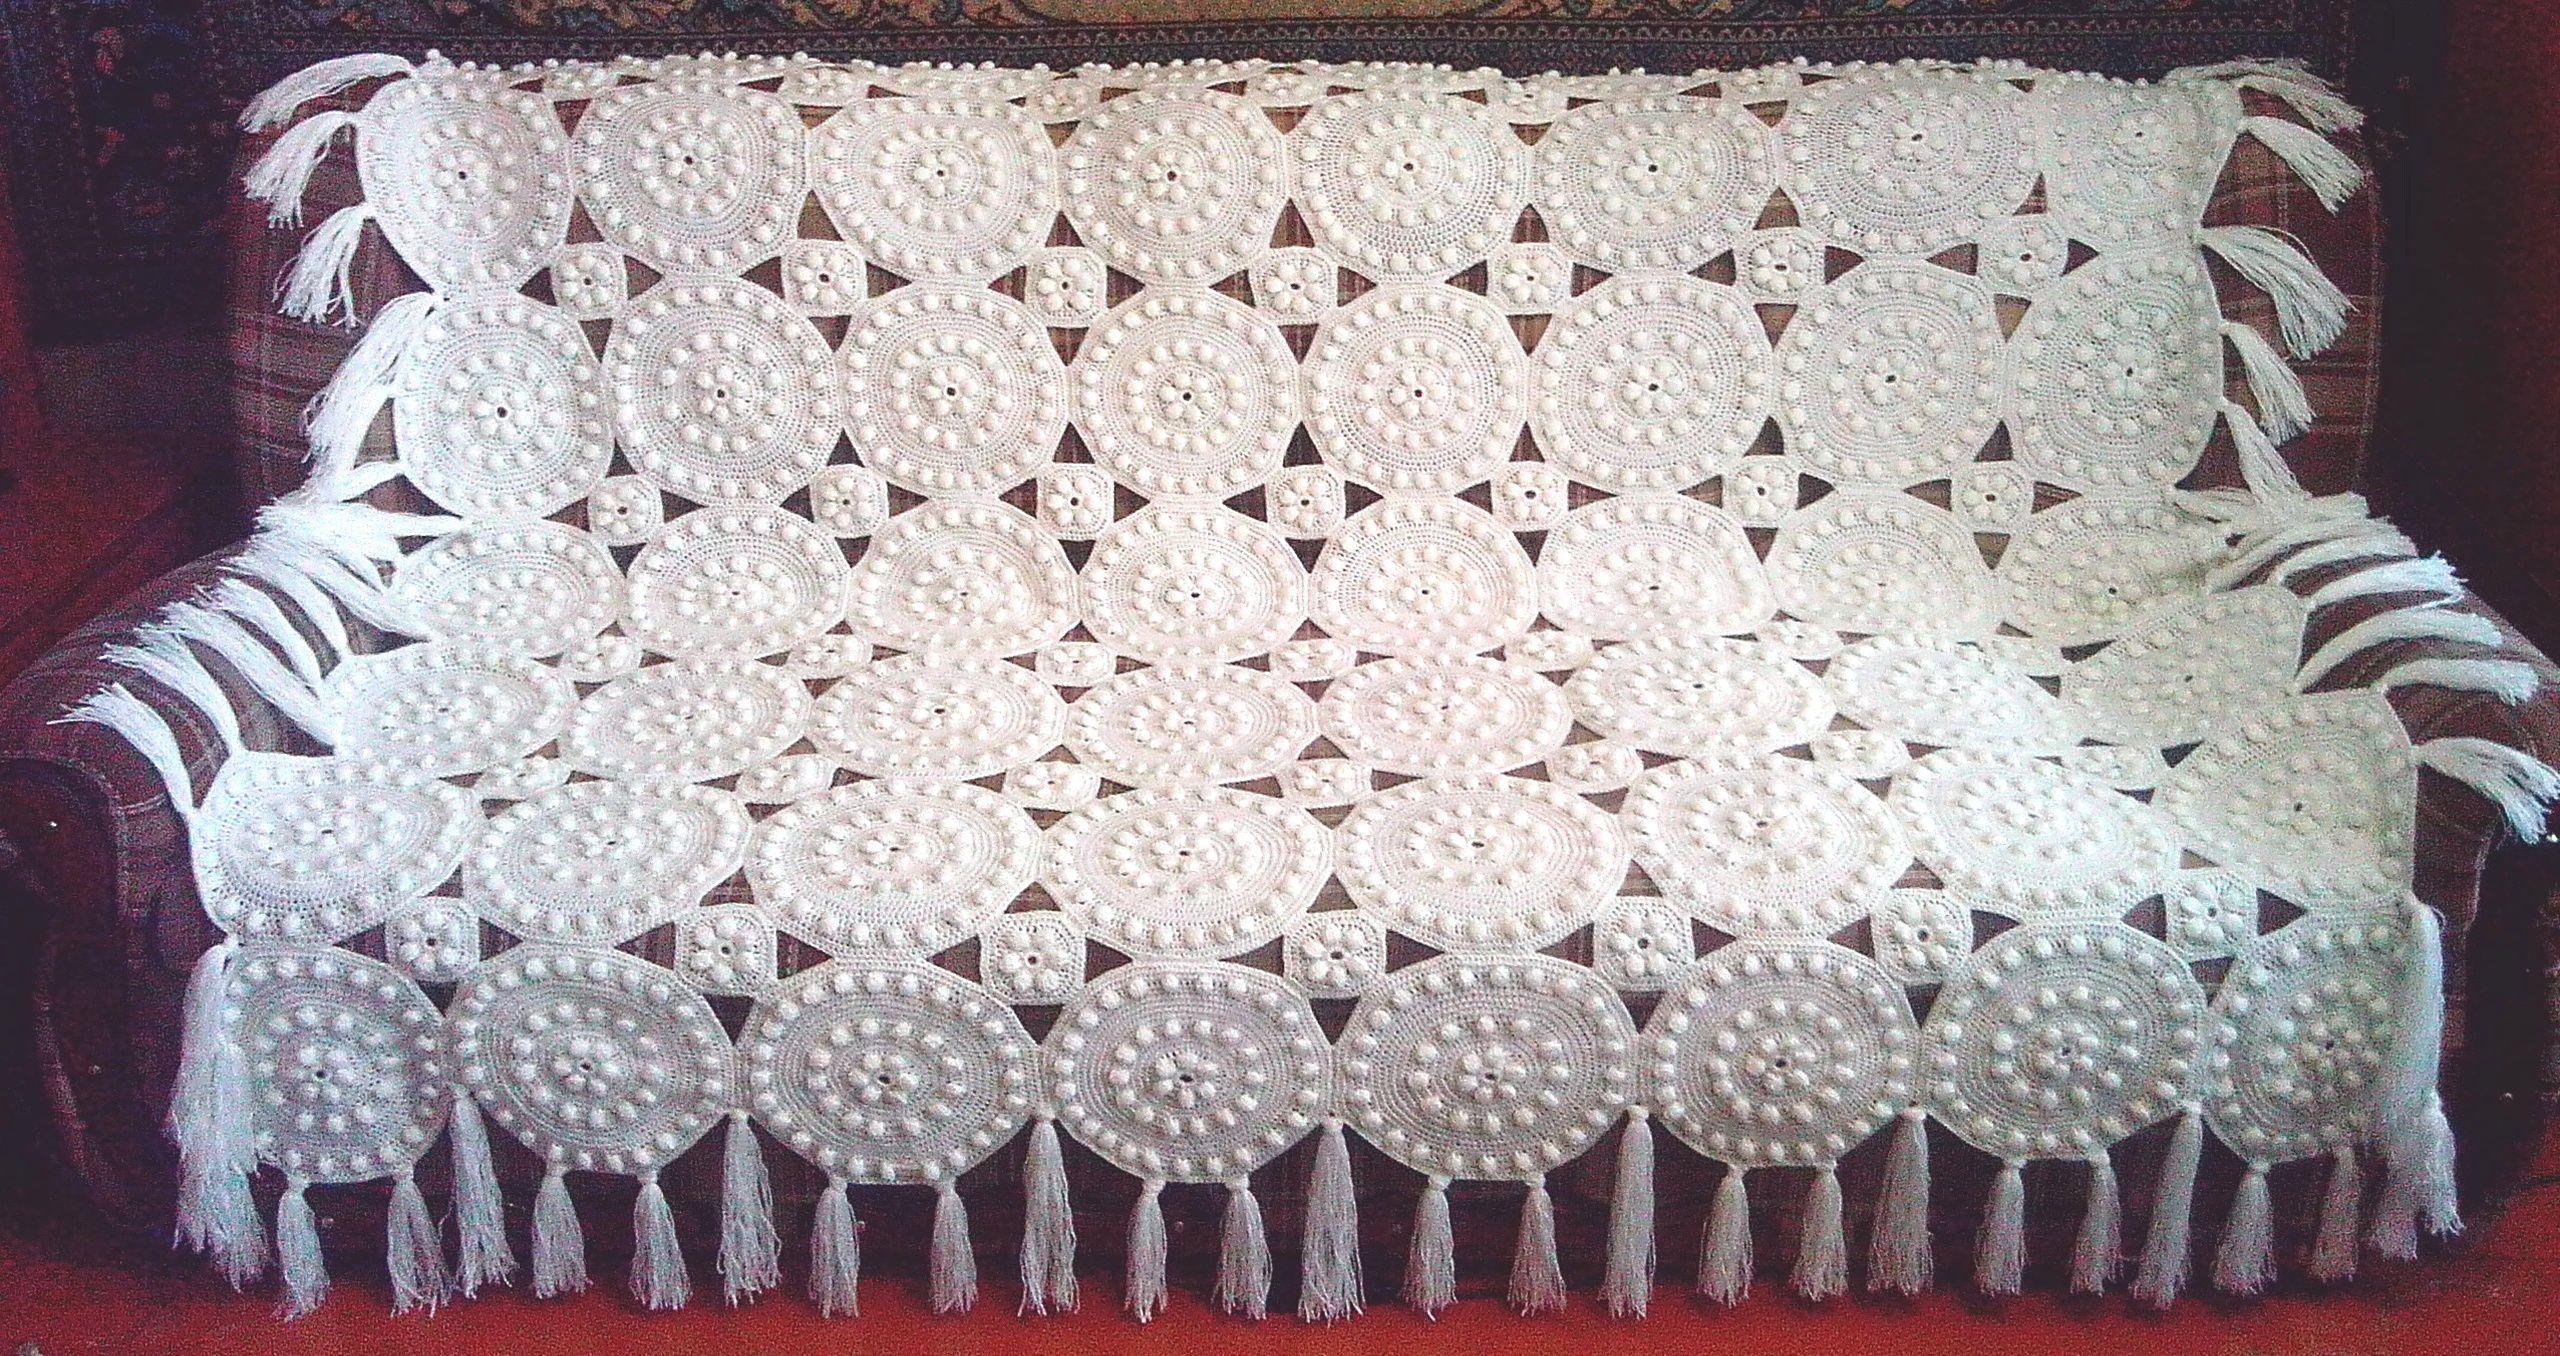 вязание ковры кружево работа ручная интерьер кружевные подарок крючком